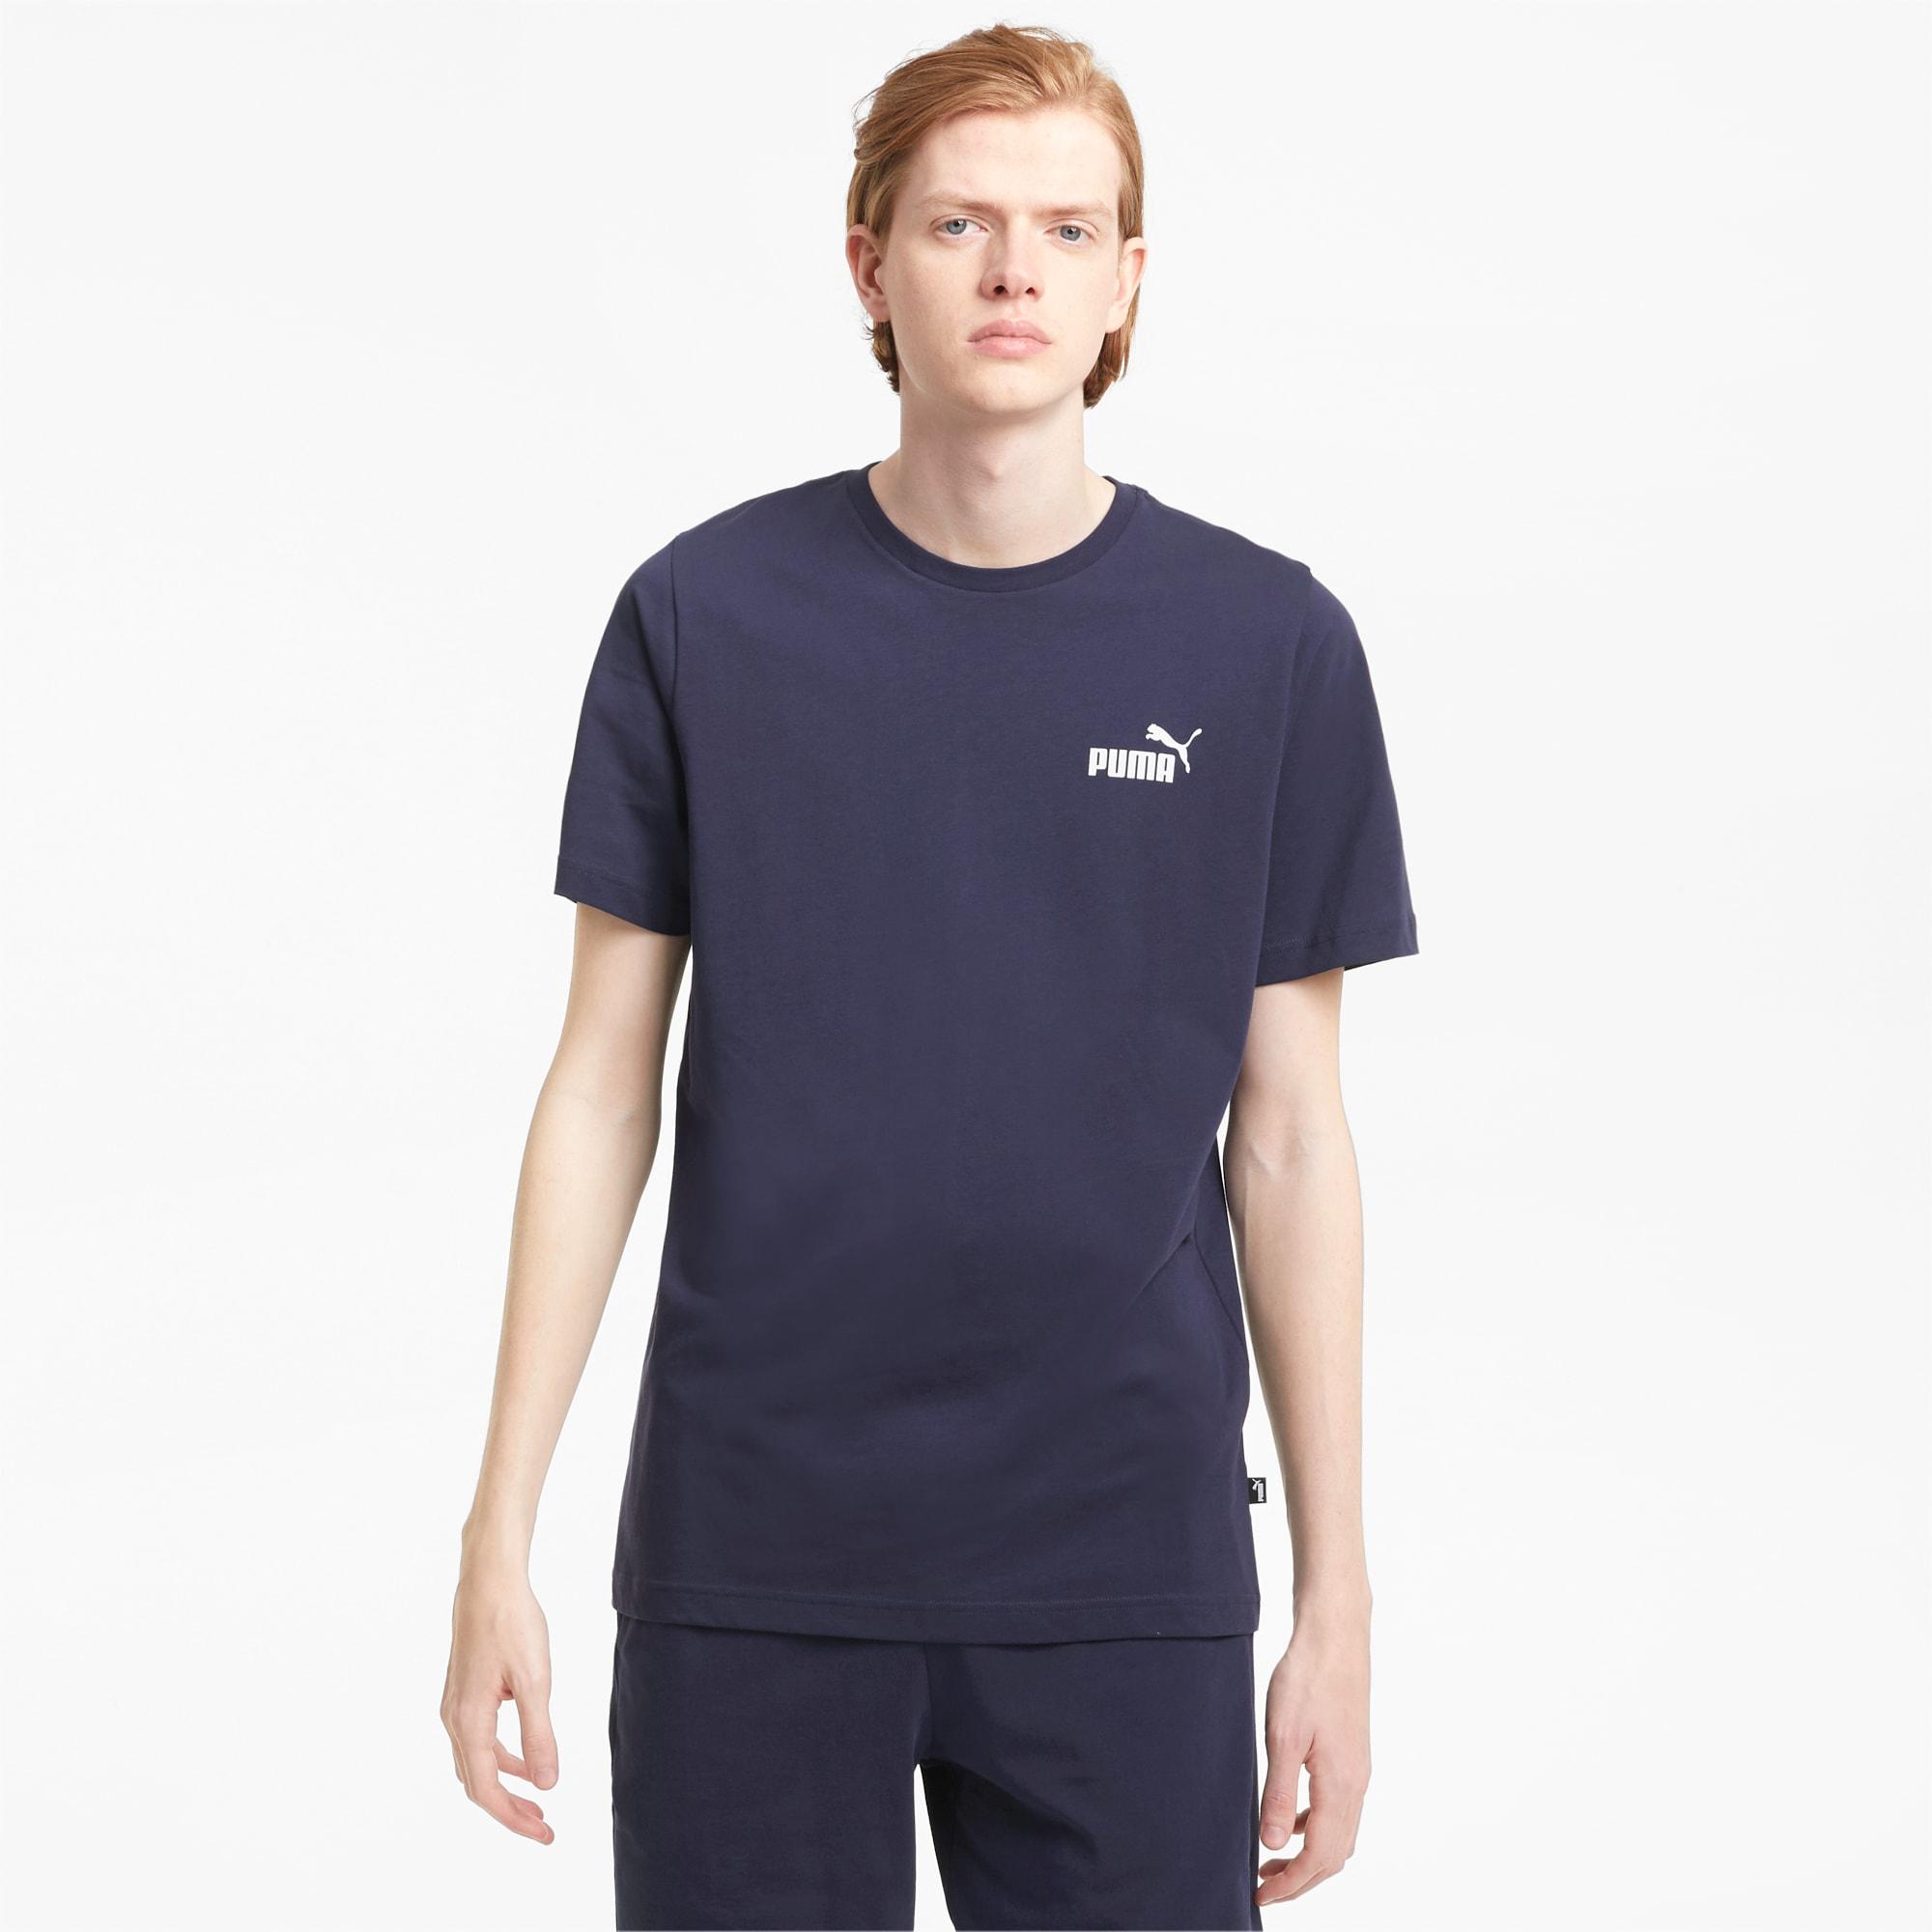 PUMA Essentials Herren T-Shirt mit dezentem Logoprint | Mit Aucun | Blau | Größe: XL